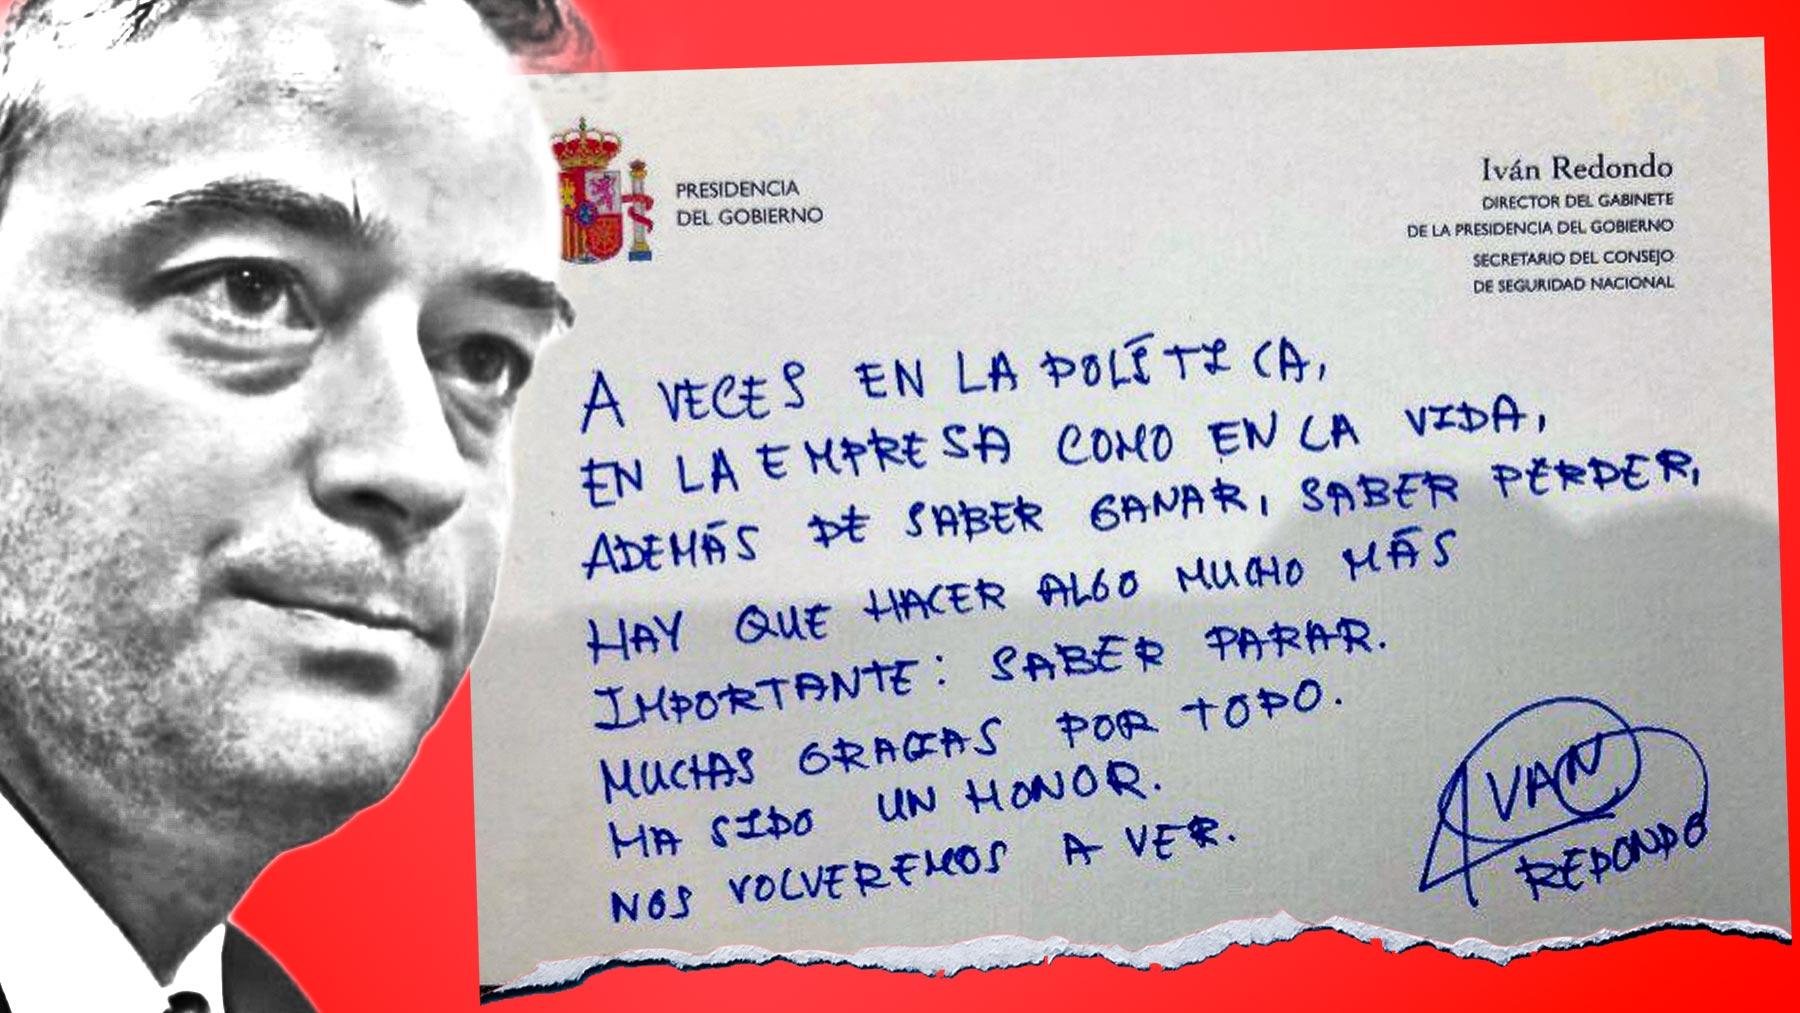 Iván Redondo y su mensaje de despedida